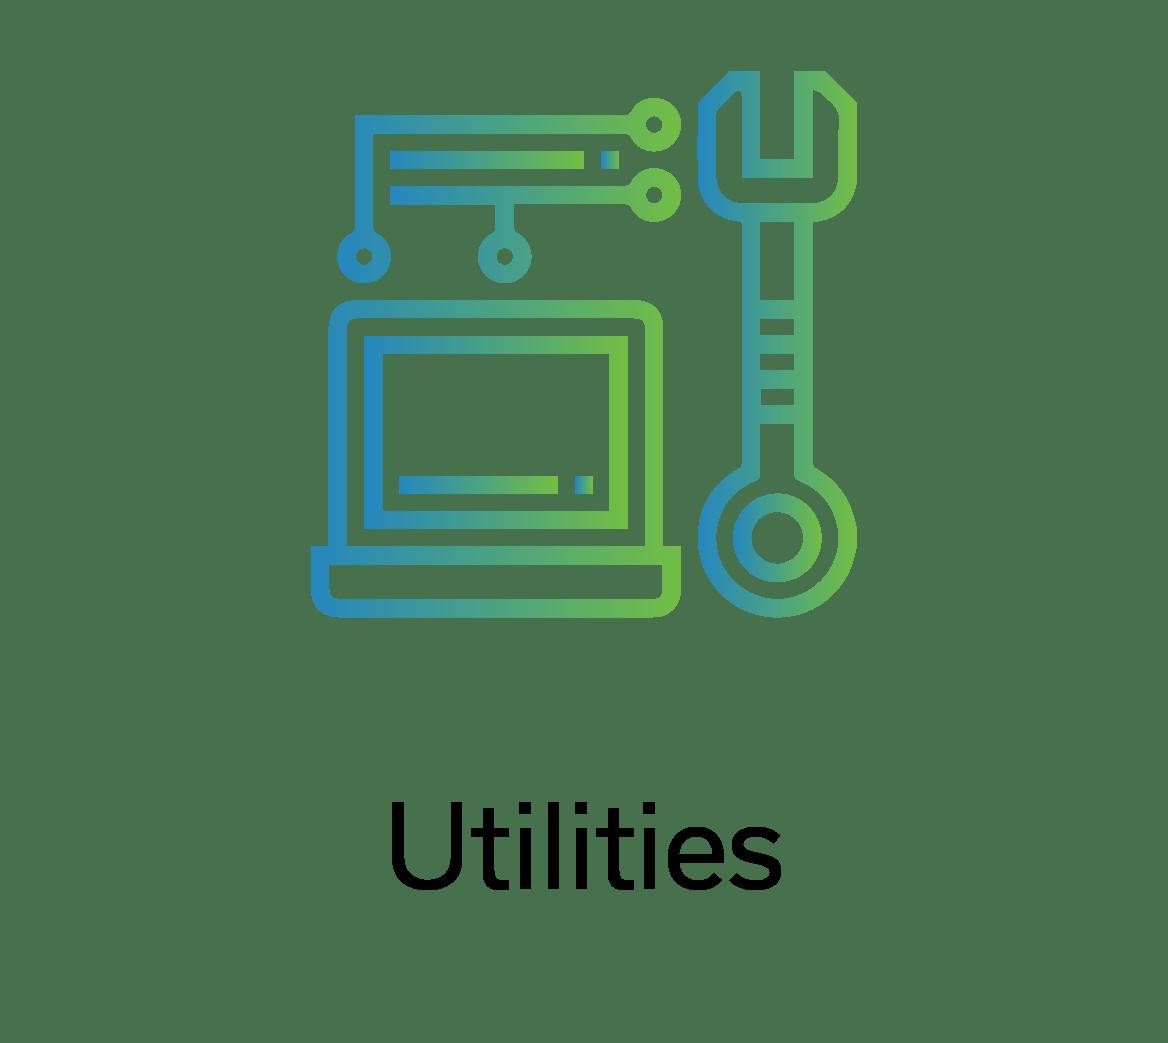 Utilities Words